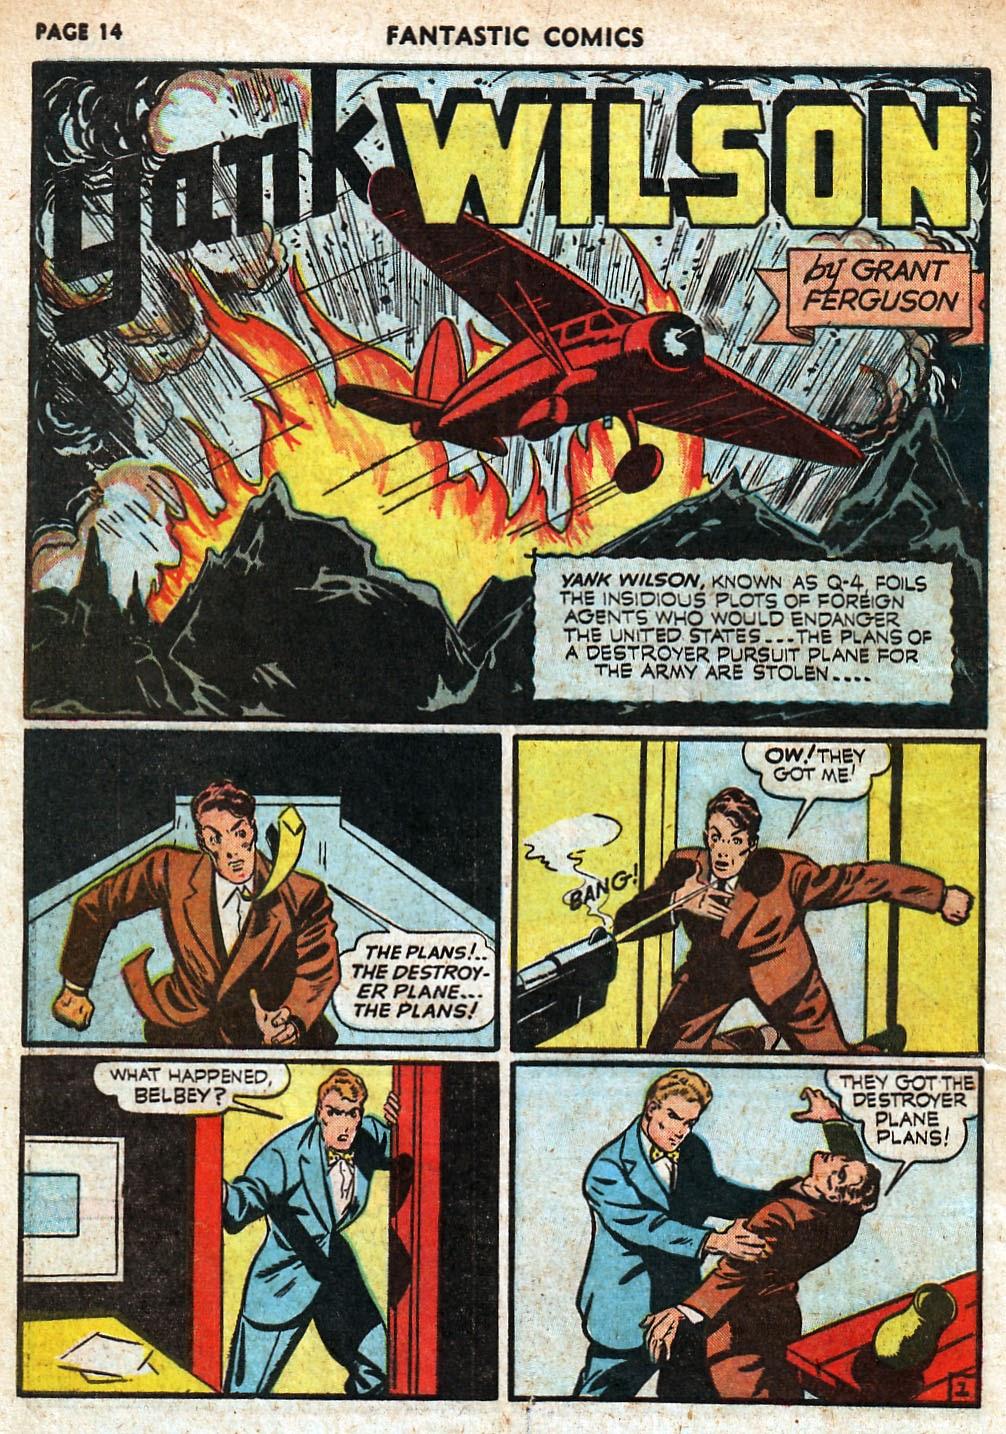 Read online Fantastic Comics comic -  Issue #18 - 16